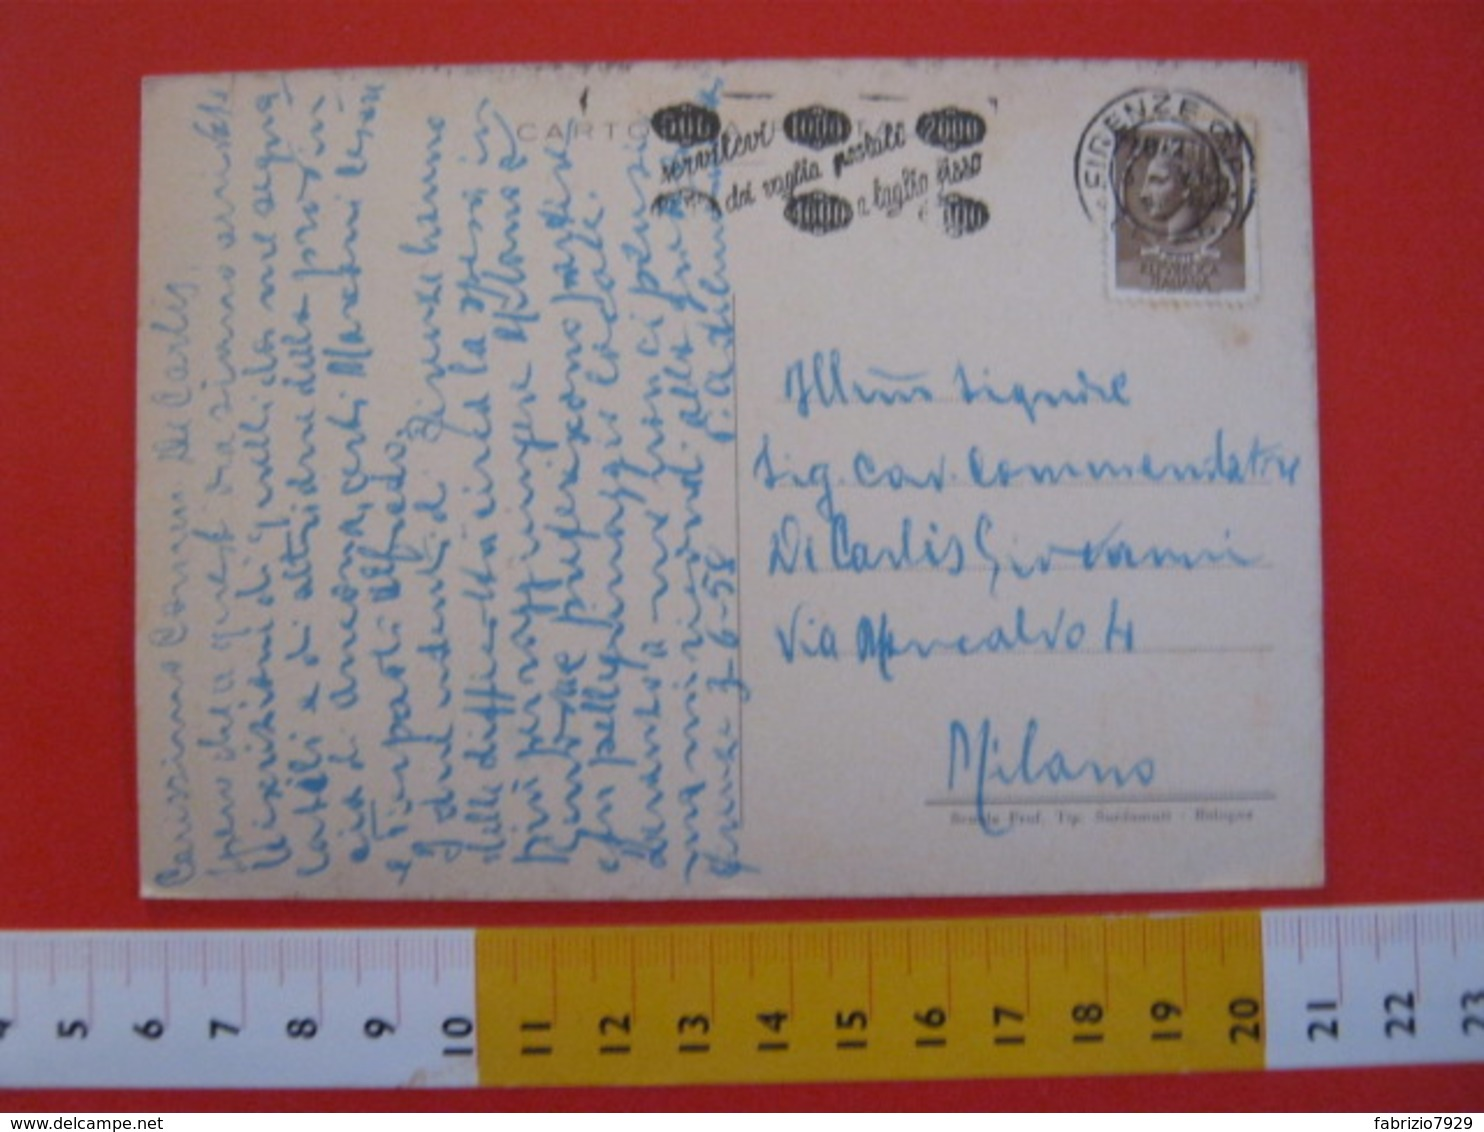 CA.15 ITALIA CARD - 1958 FIRENZE MADONNA DEI SORDOMUTI DIPINTO GUERCINO SALUTE HANDICAP GUALANDI BOLOGNA - Salute